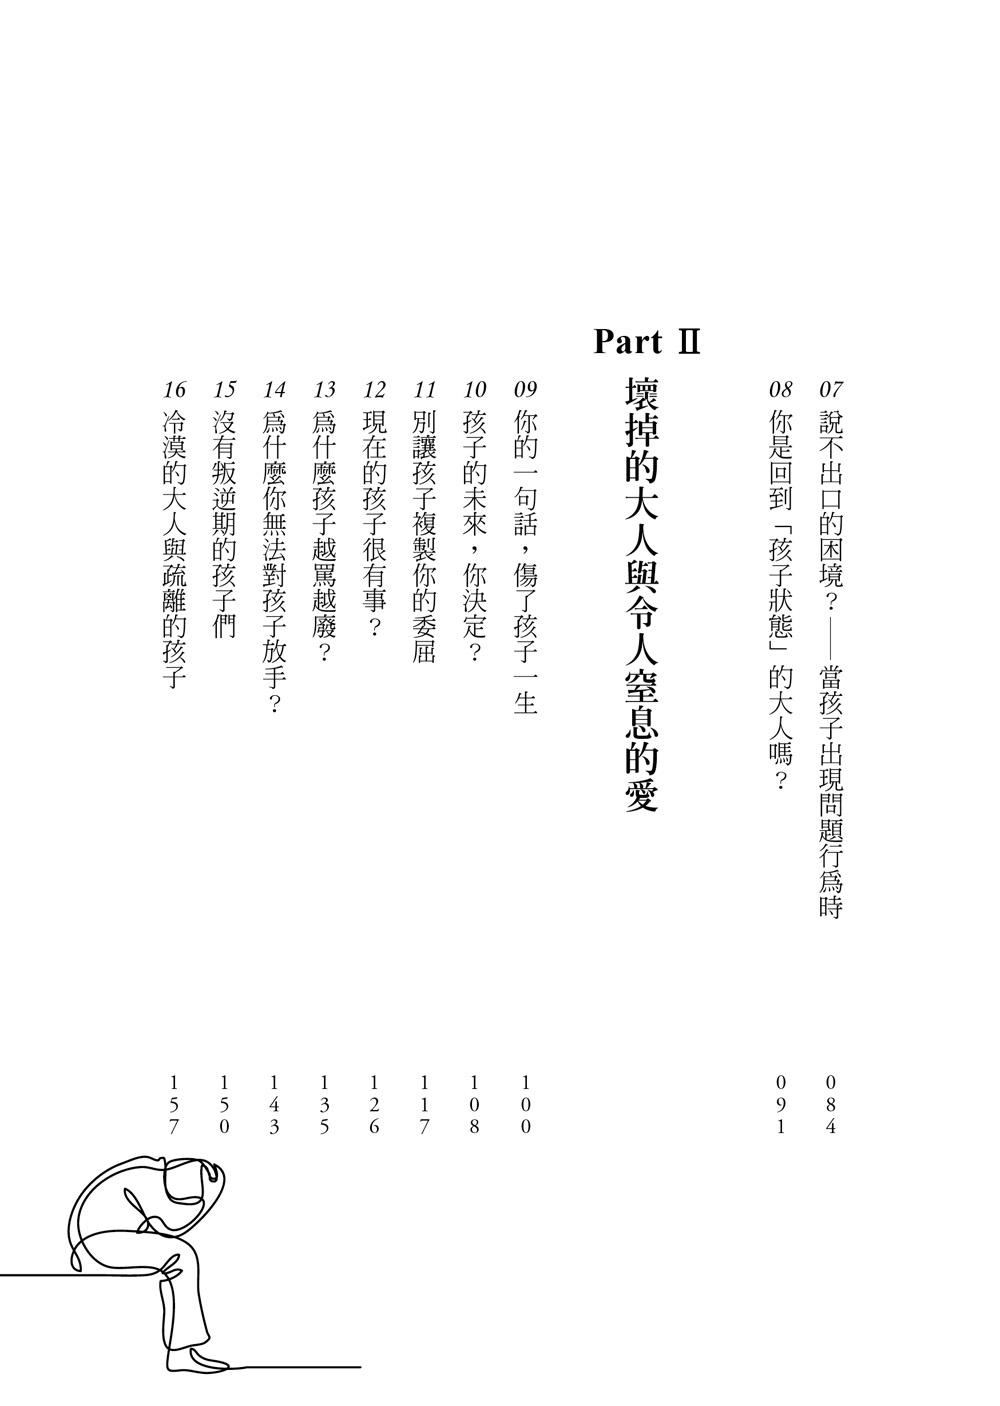 //im2.book.com.tw/image/getImage?i=http://www.books.com.tw/img/001/077/08/0010770814_b_03.jpg&v=5a0c1764&w=655&h=609